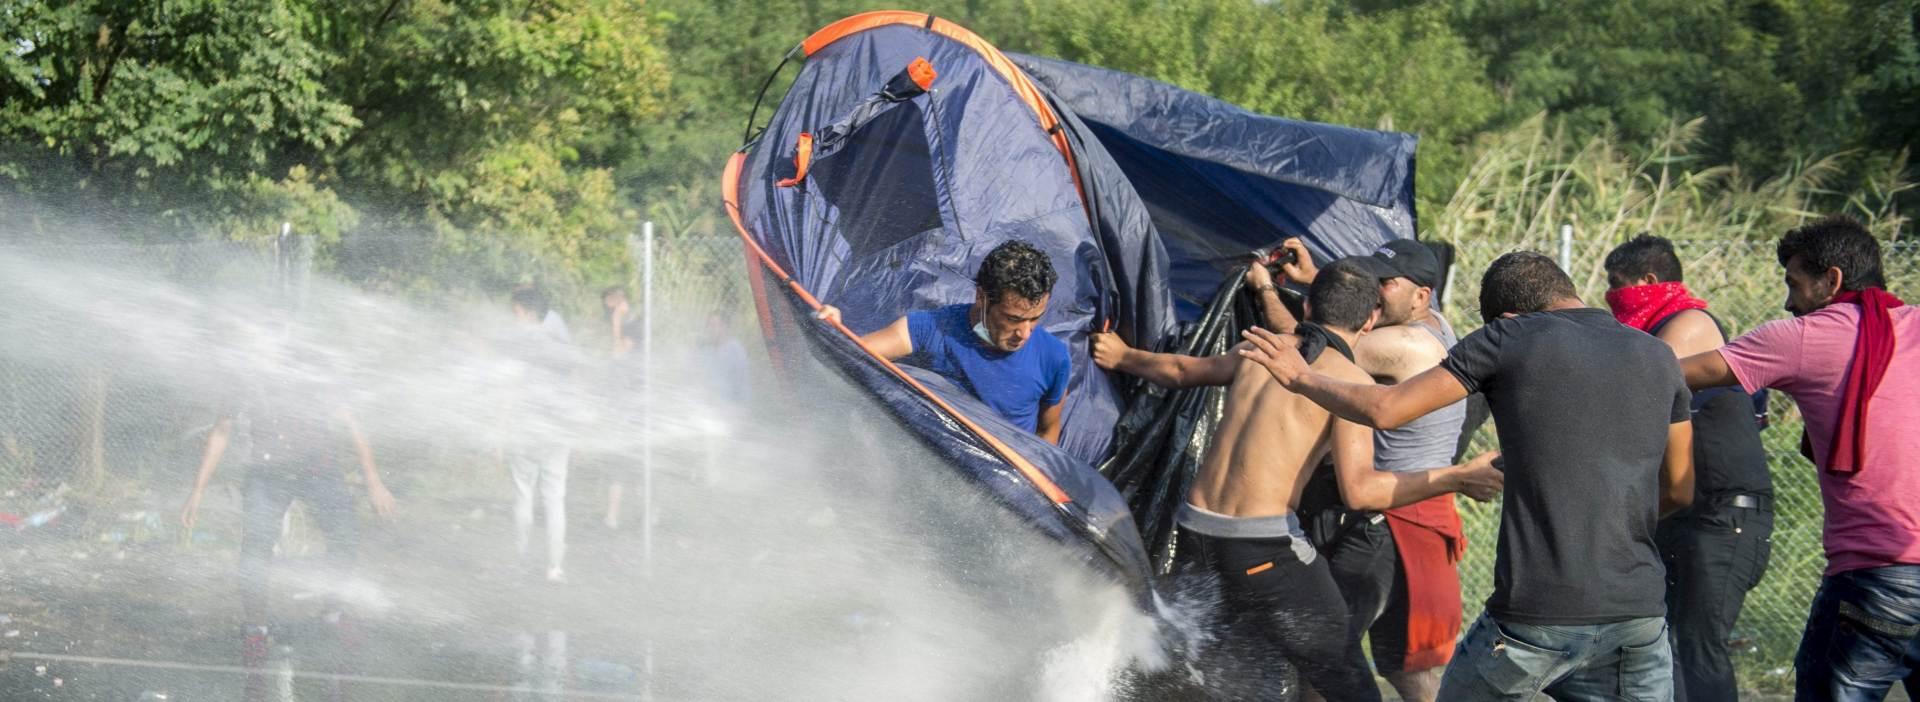 MAĐARSKA TVRDI: Među uhićenim izbjeglicama i jedan traženi terorist